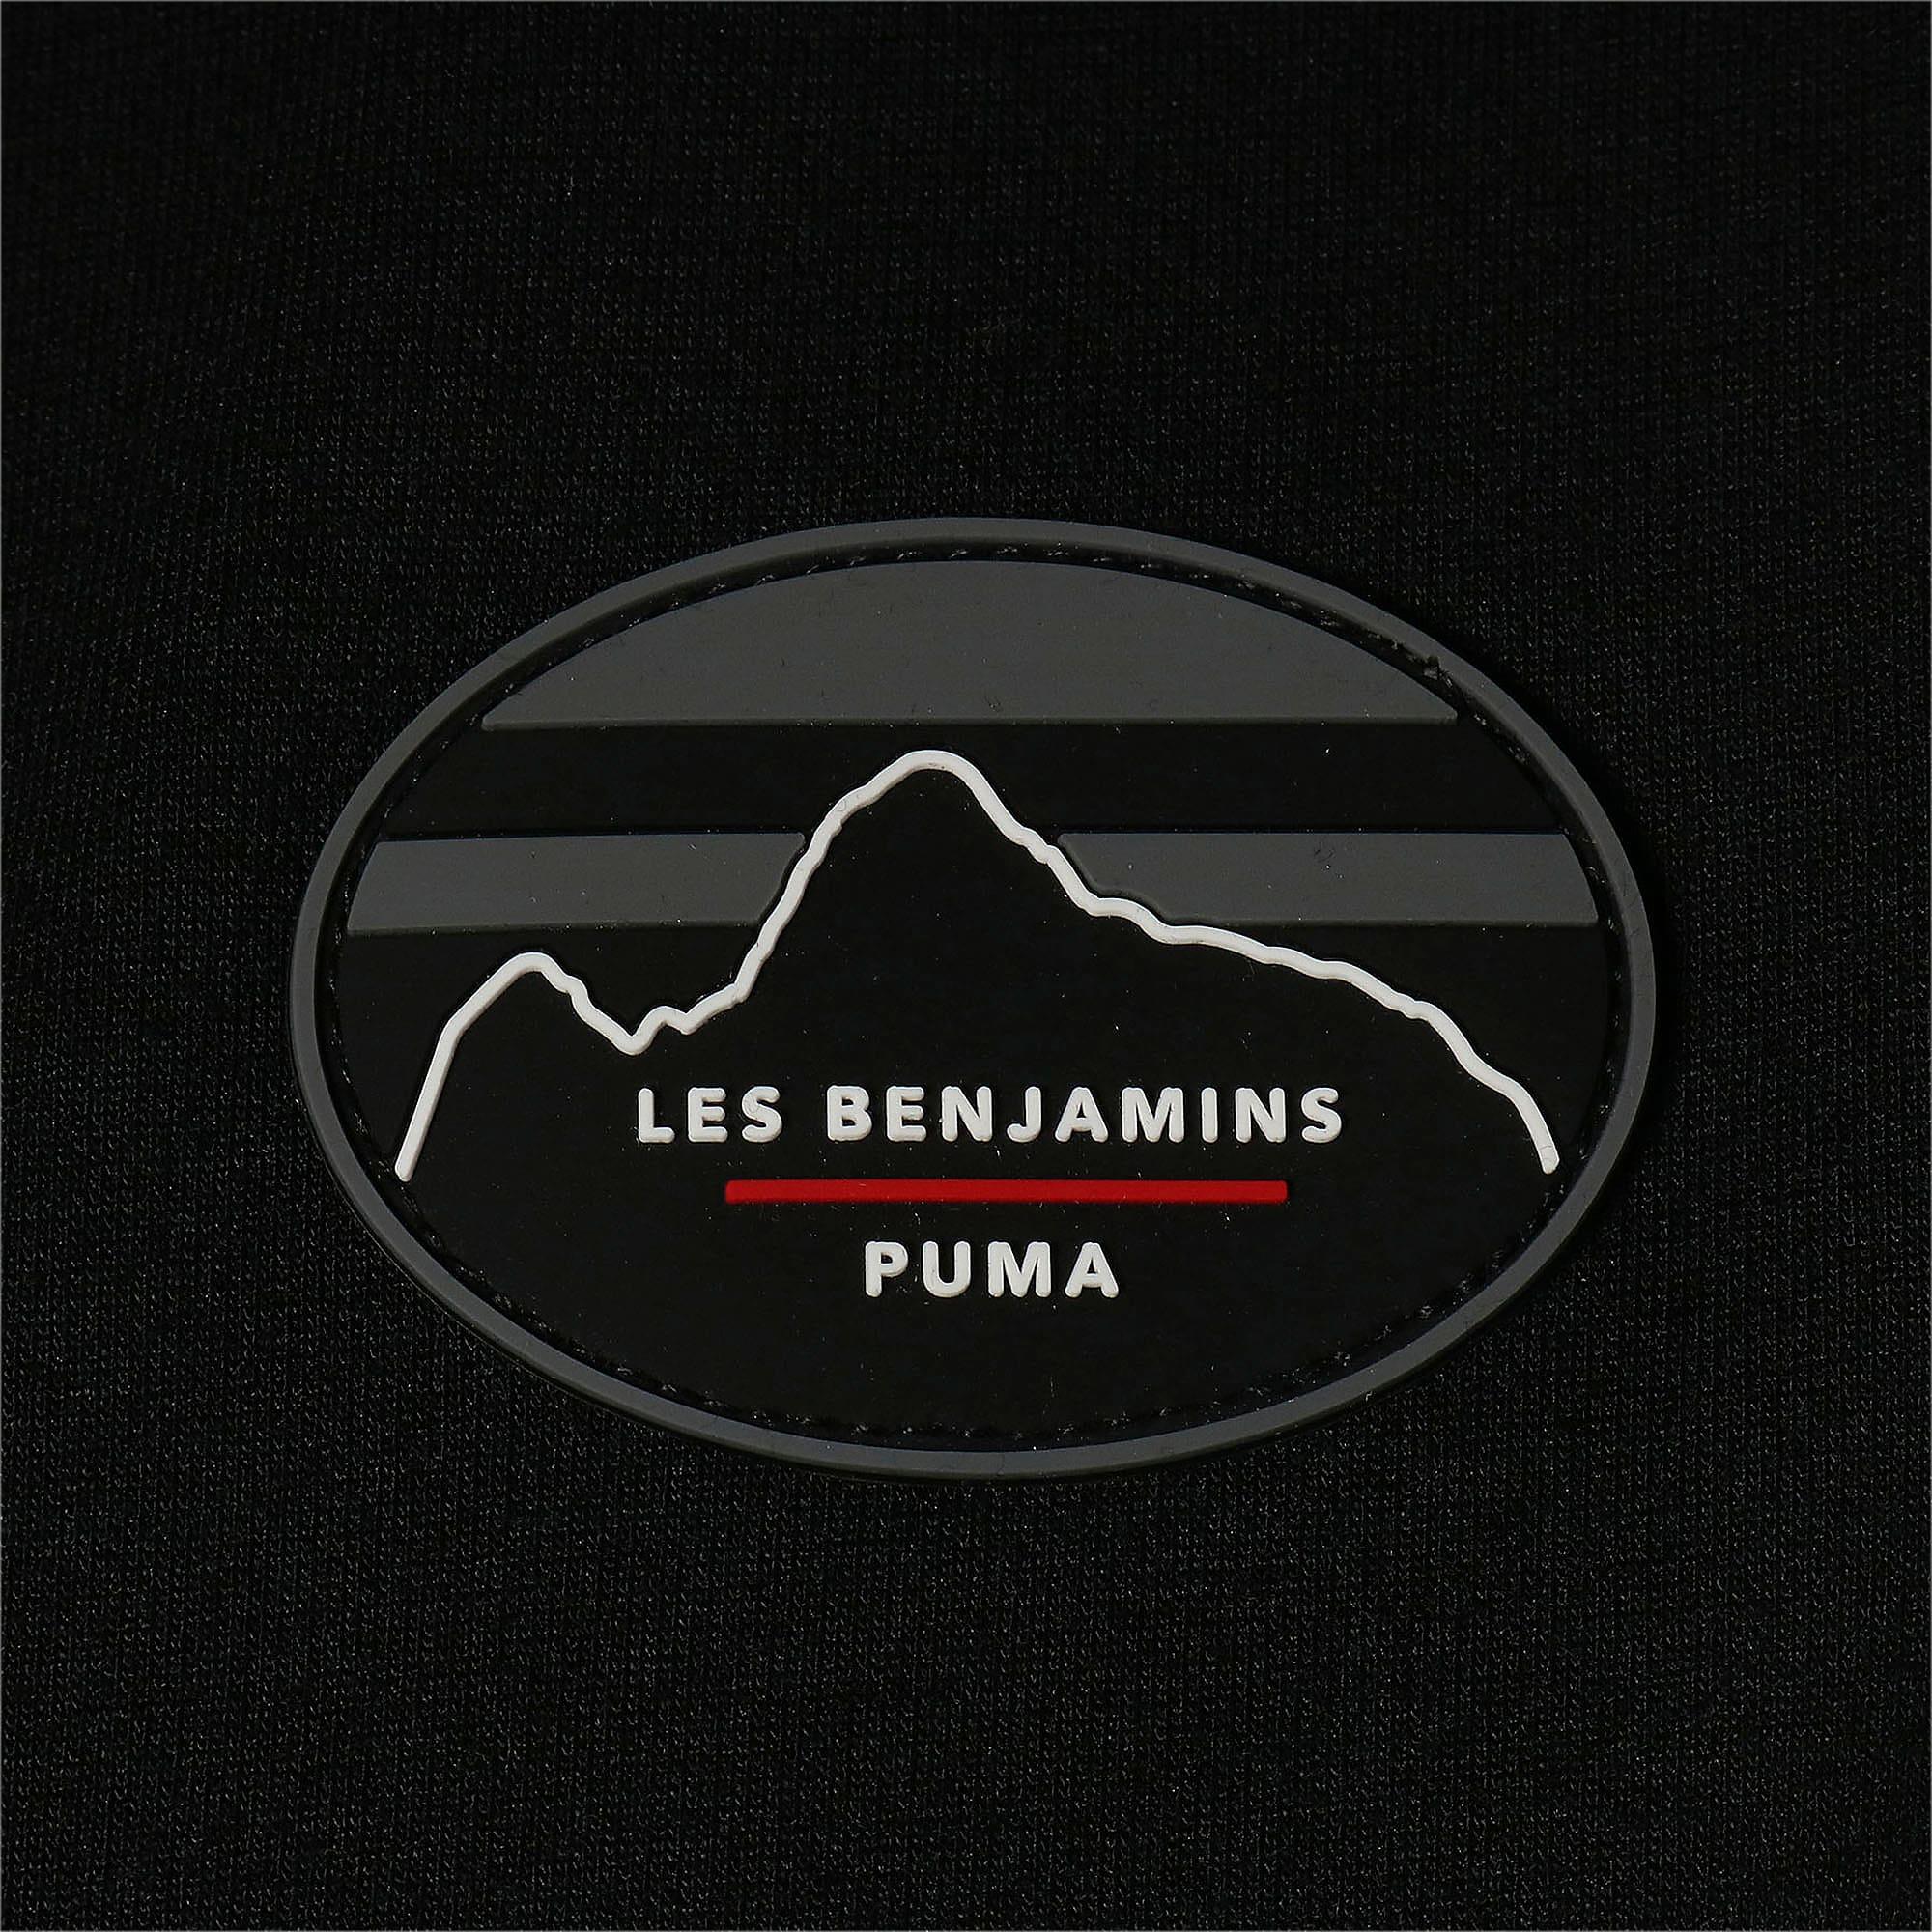 Thumbnail 7 of PUMA x LES BENJAMINS トラックジャケット, Puma Black, medium-JPN